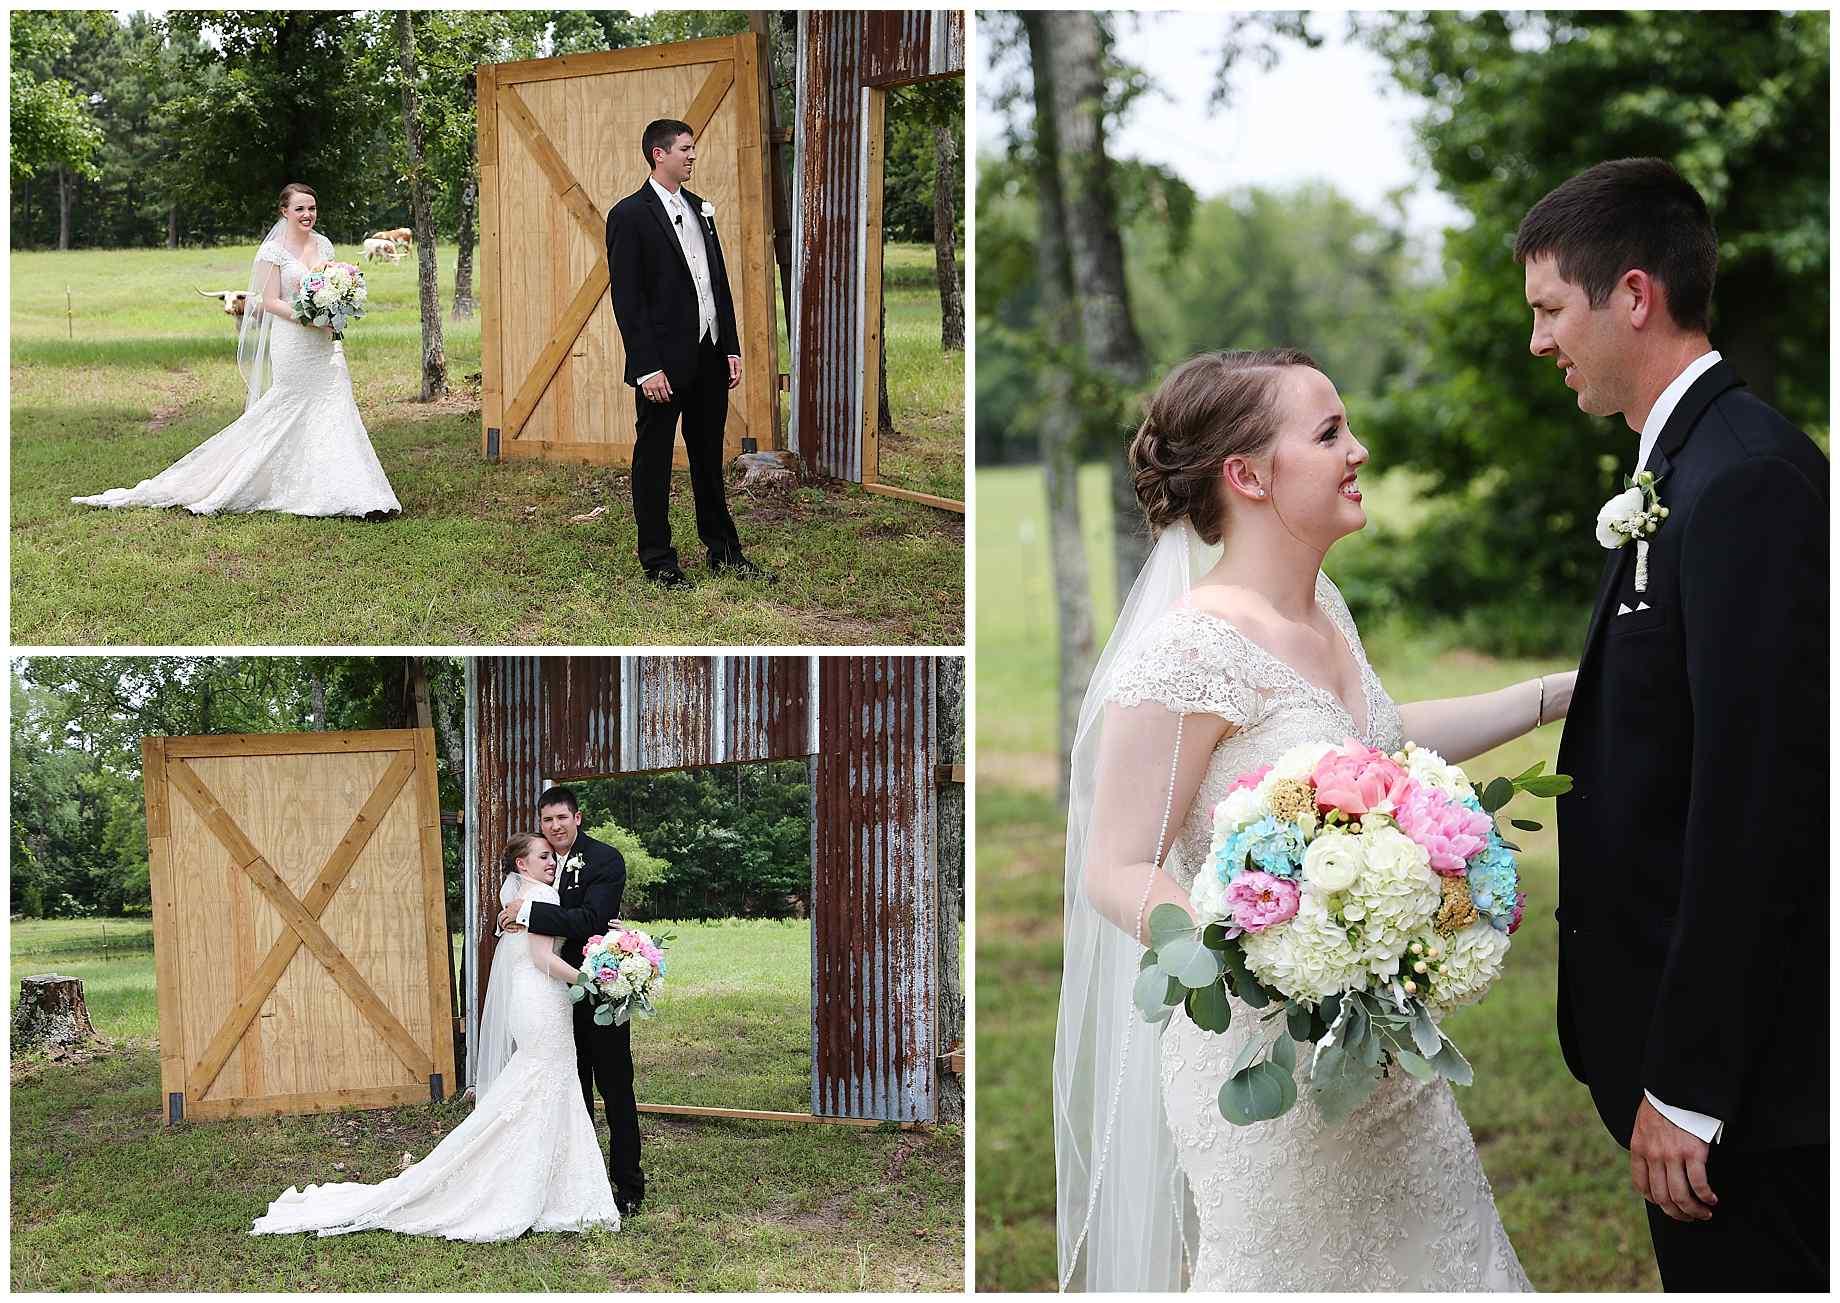 landing-event-center-joshua-farms-wedding-photos-009